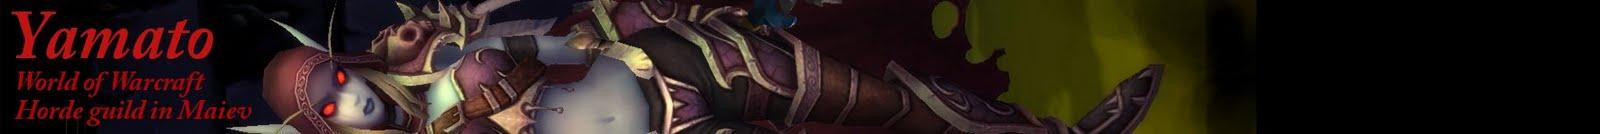 Yamato - World of Warcraft: Horde guild